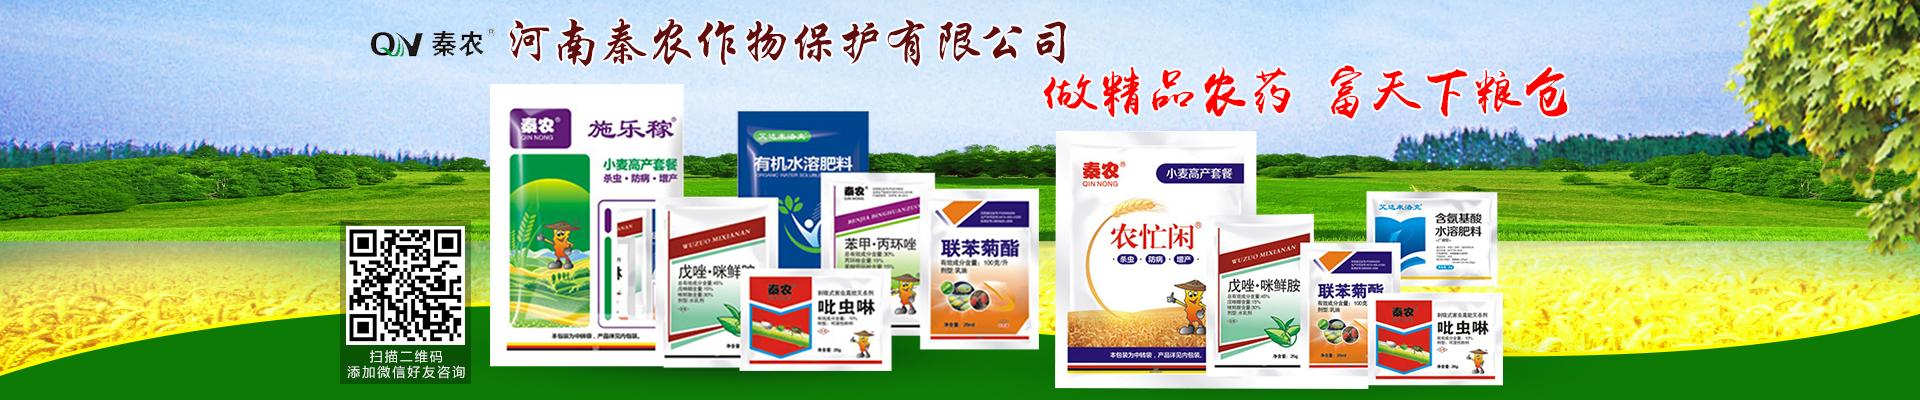 河南秦农作物保护有限公司